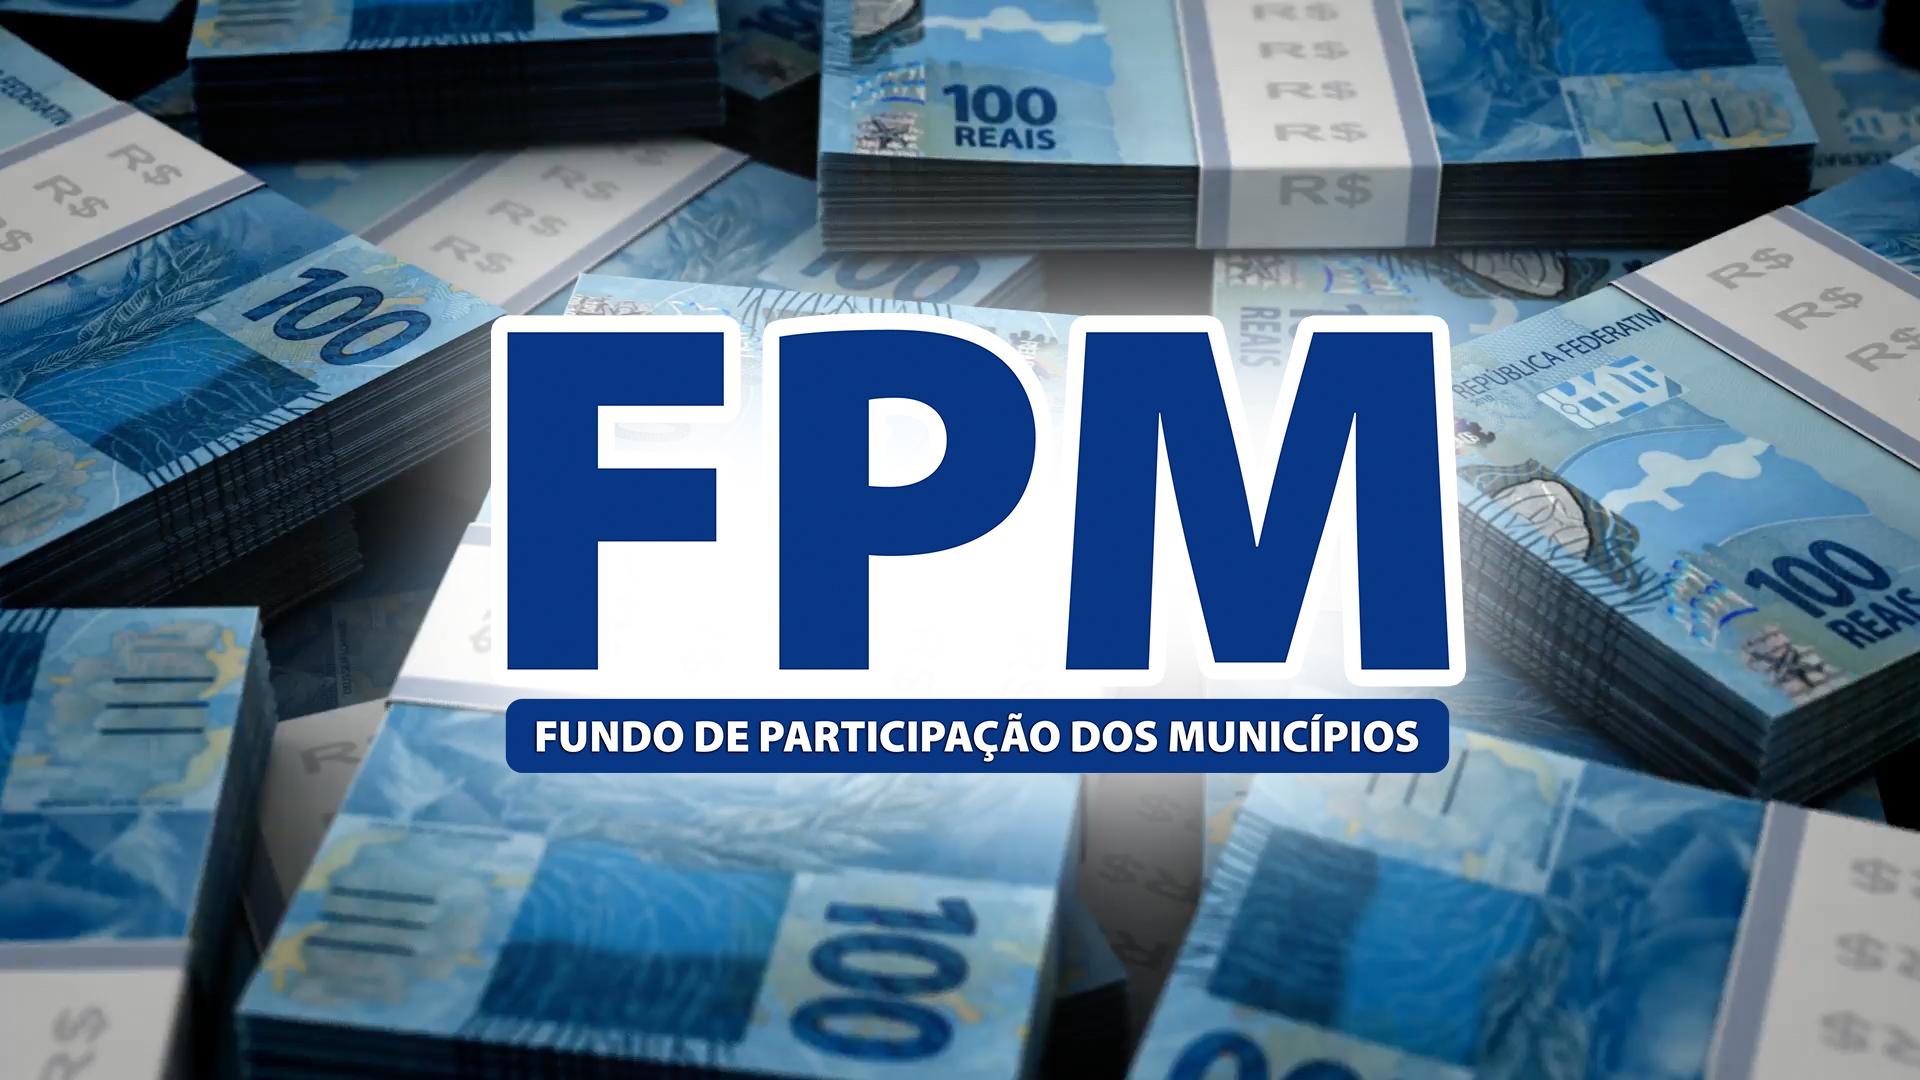 Segundo FPM de julho será de R$ 905 milhões